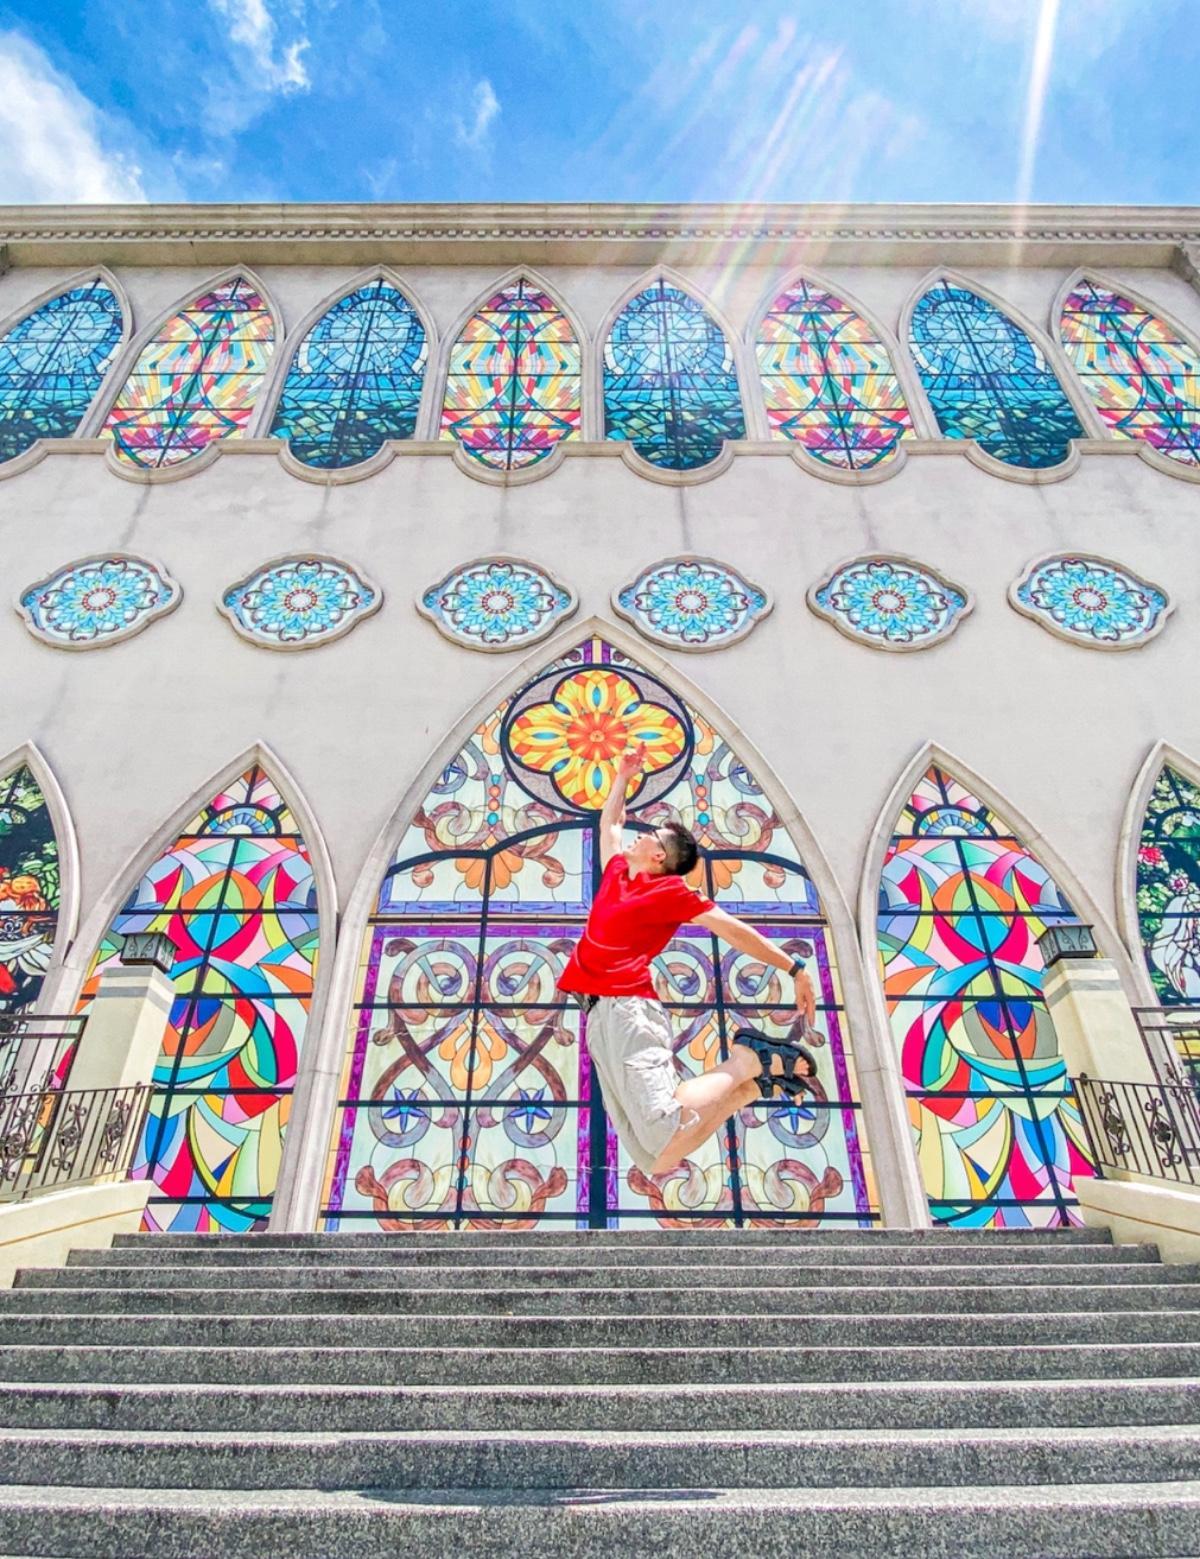 彷彿置身歐洲教堂的「情定城堡」|PopDaily 波波黛莉